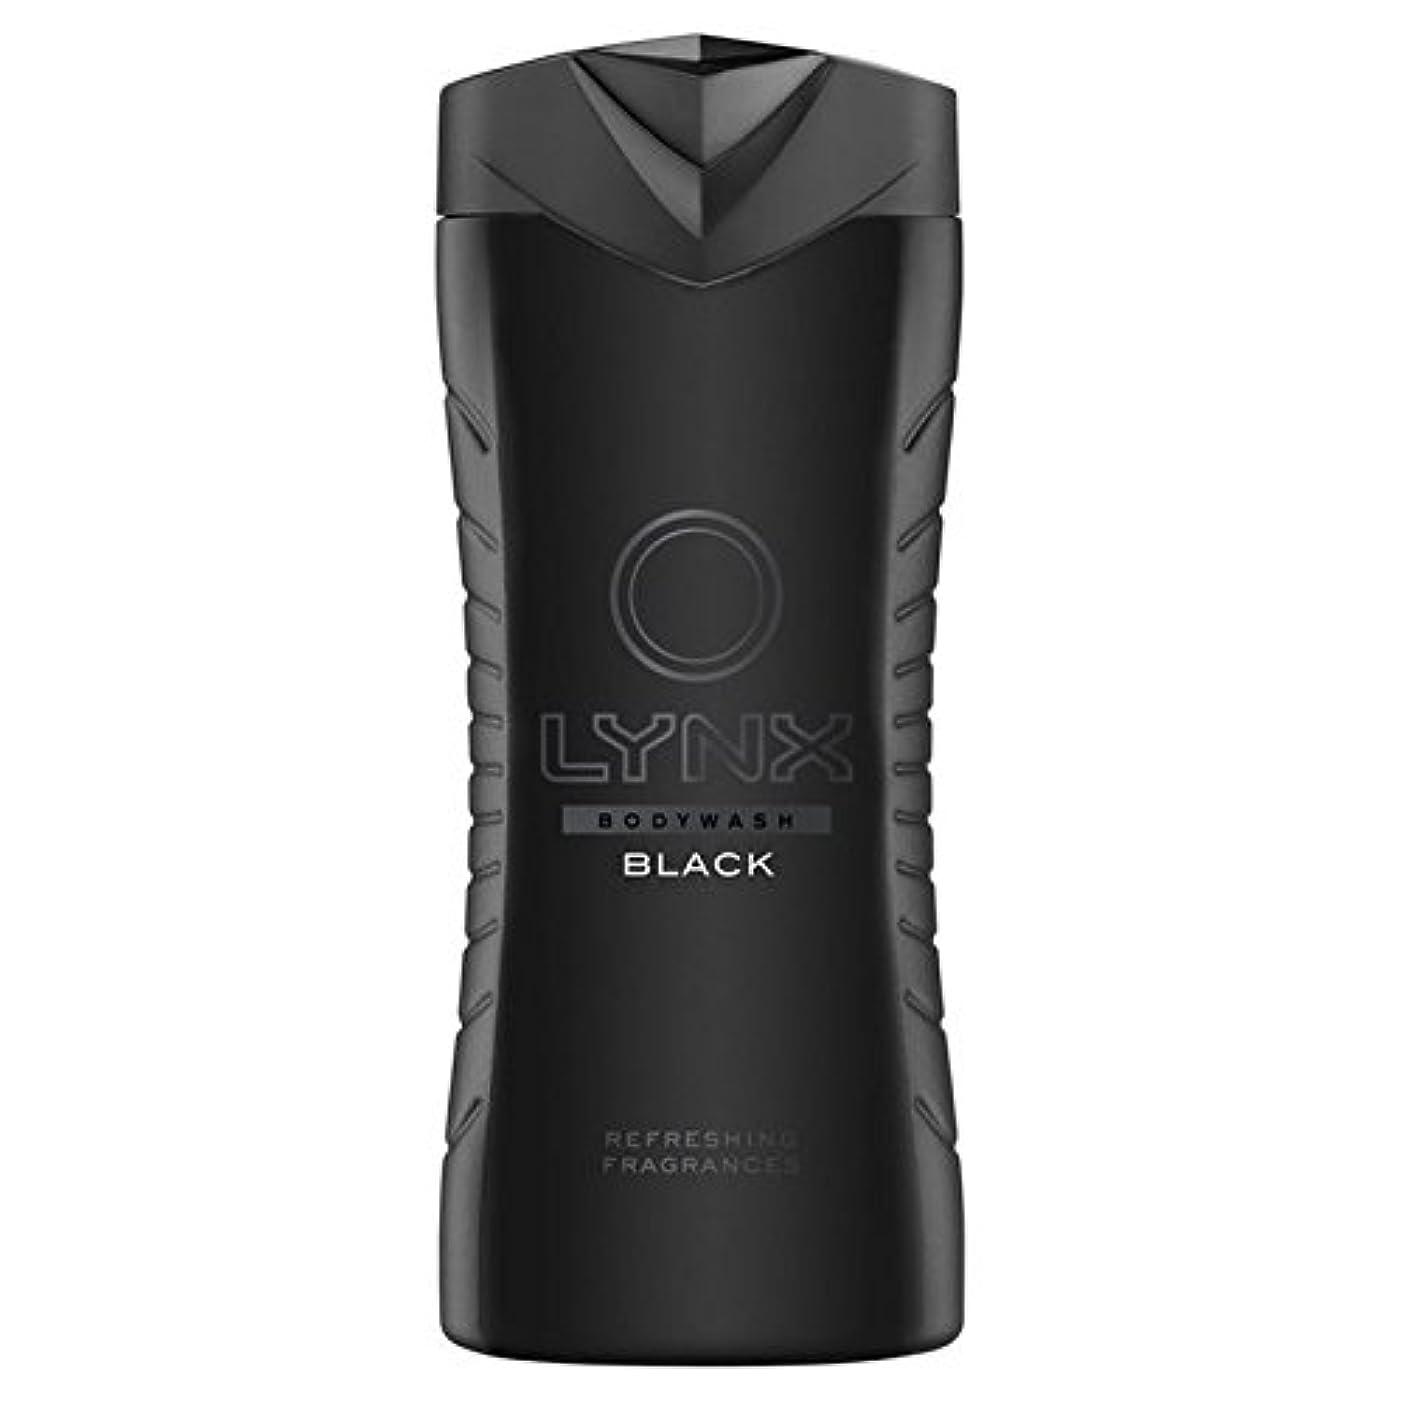 平均むさぼり食う現在Lynx Black Shower Gel 400ml (Pack of 6) - オオヤマネコブラックシャワージェル400ミリリットル x6 [並行輸入品]